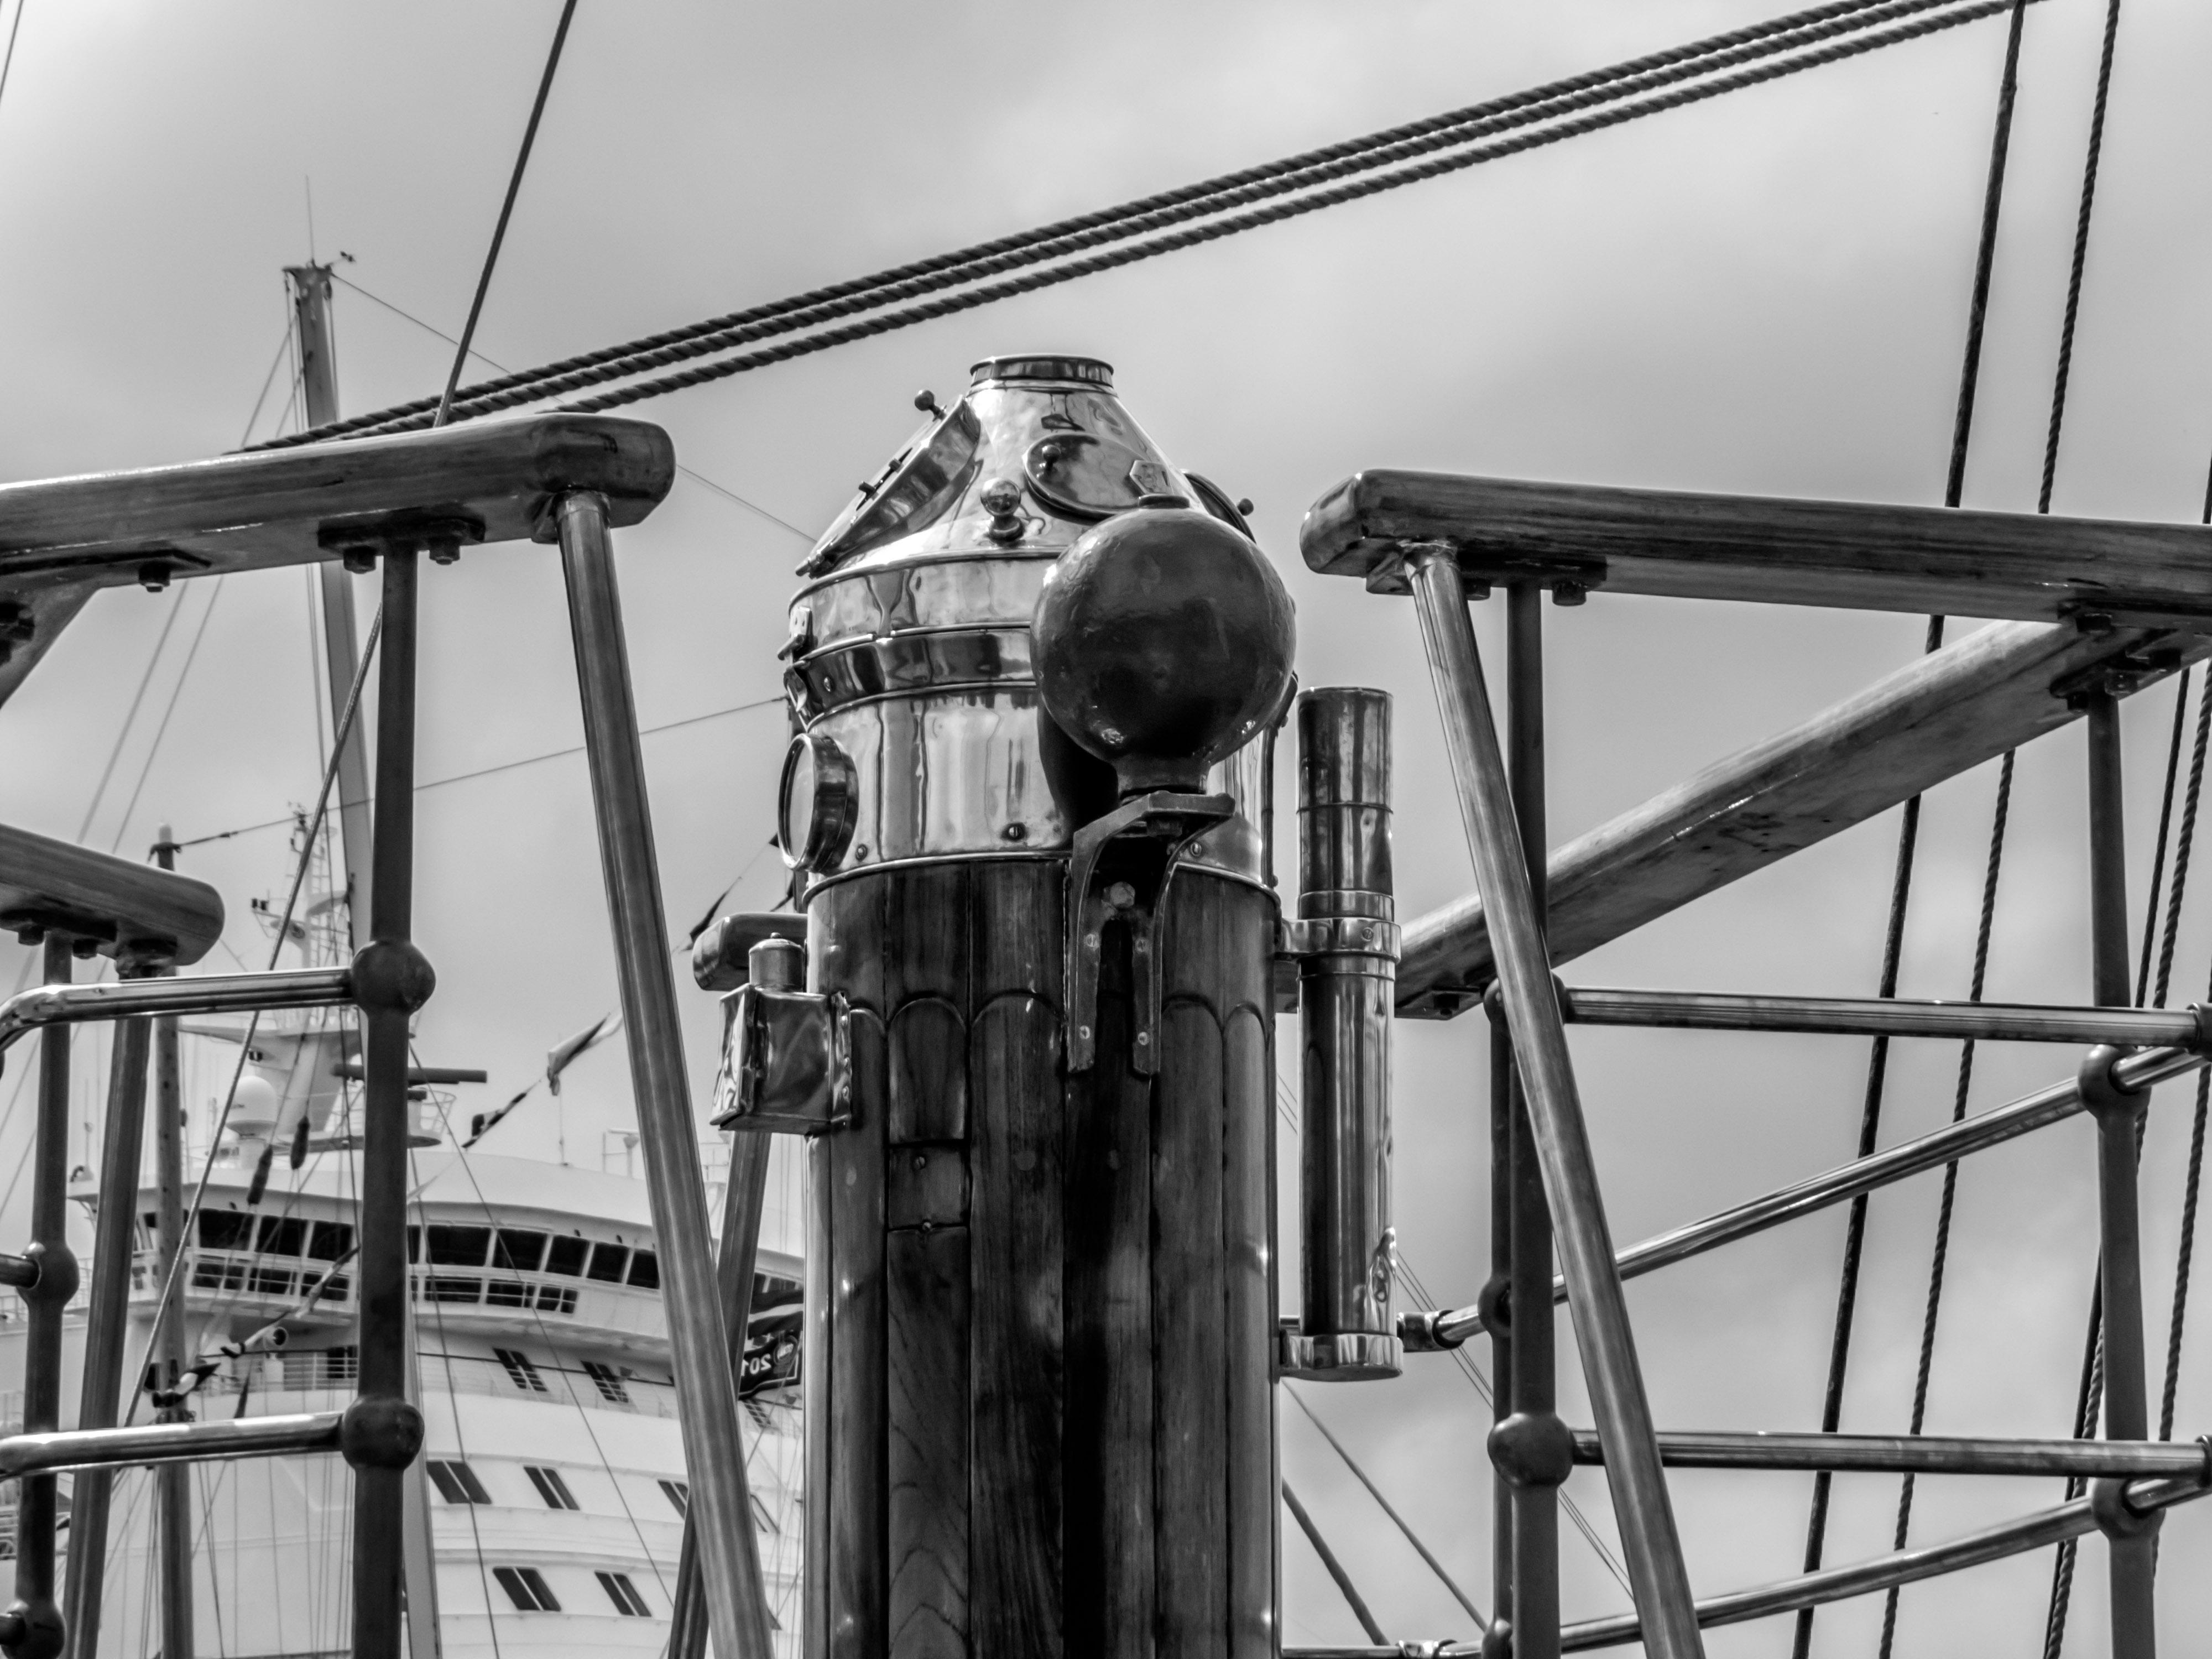 Ship's magnetic compass, 2013, Races, Vessel, Theme, HQ Photo